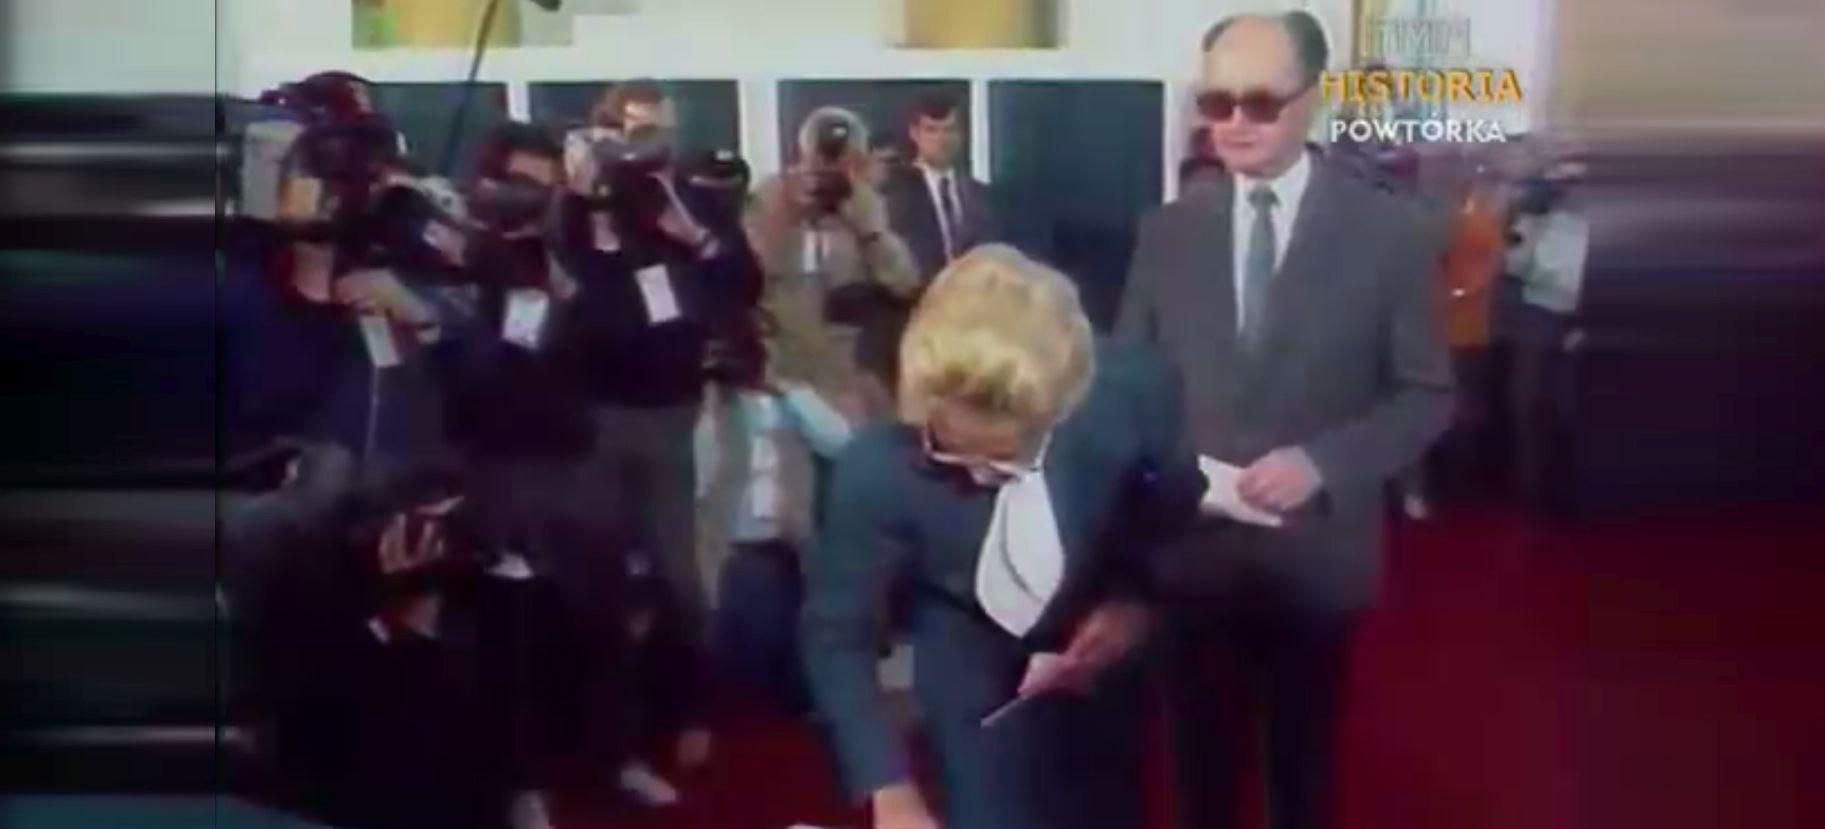 4 CZERWCA: 30. rocznica pierwszych wolnych wyborów (VIDEO, FOTO)